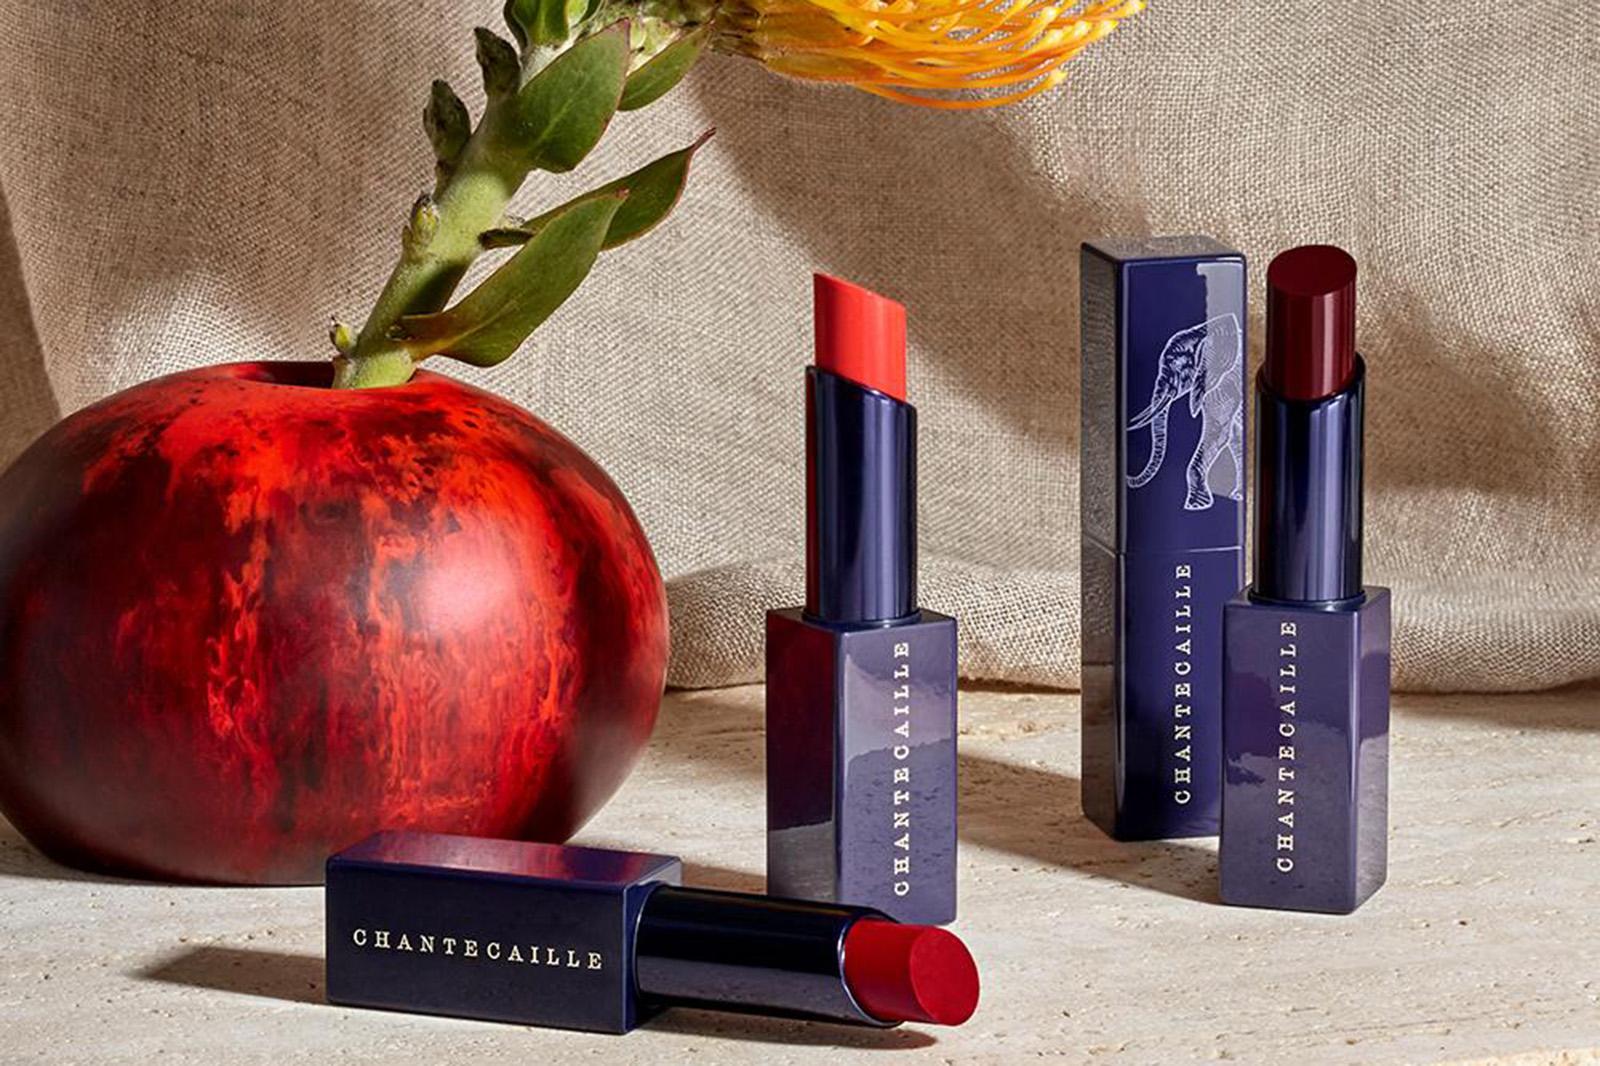 chantecaille lip veil nouveau rouge à lèvres mat automne 2018